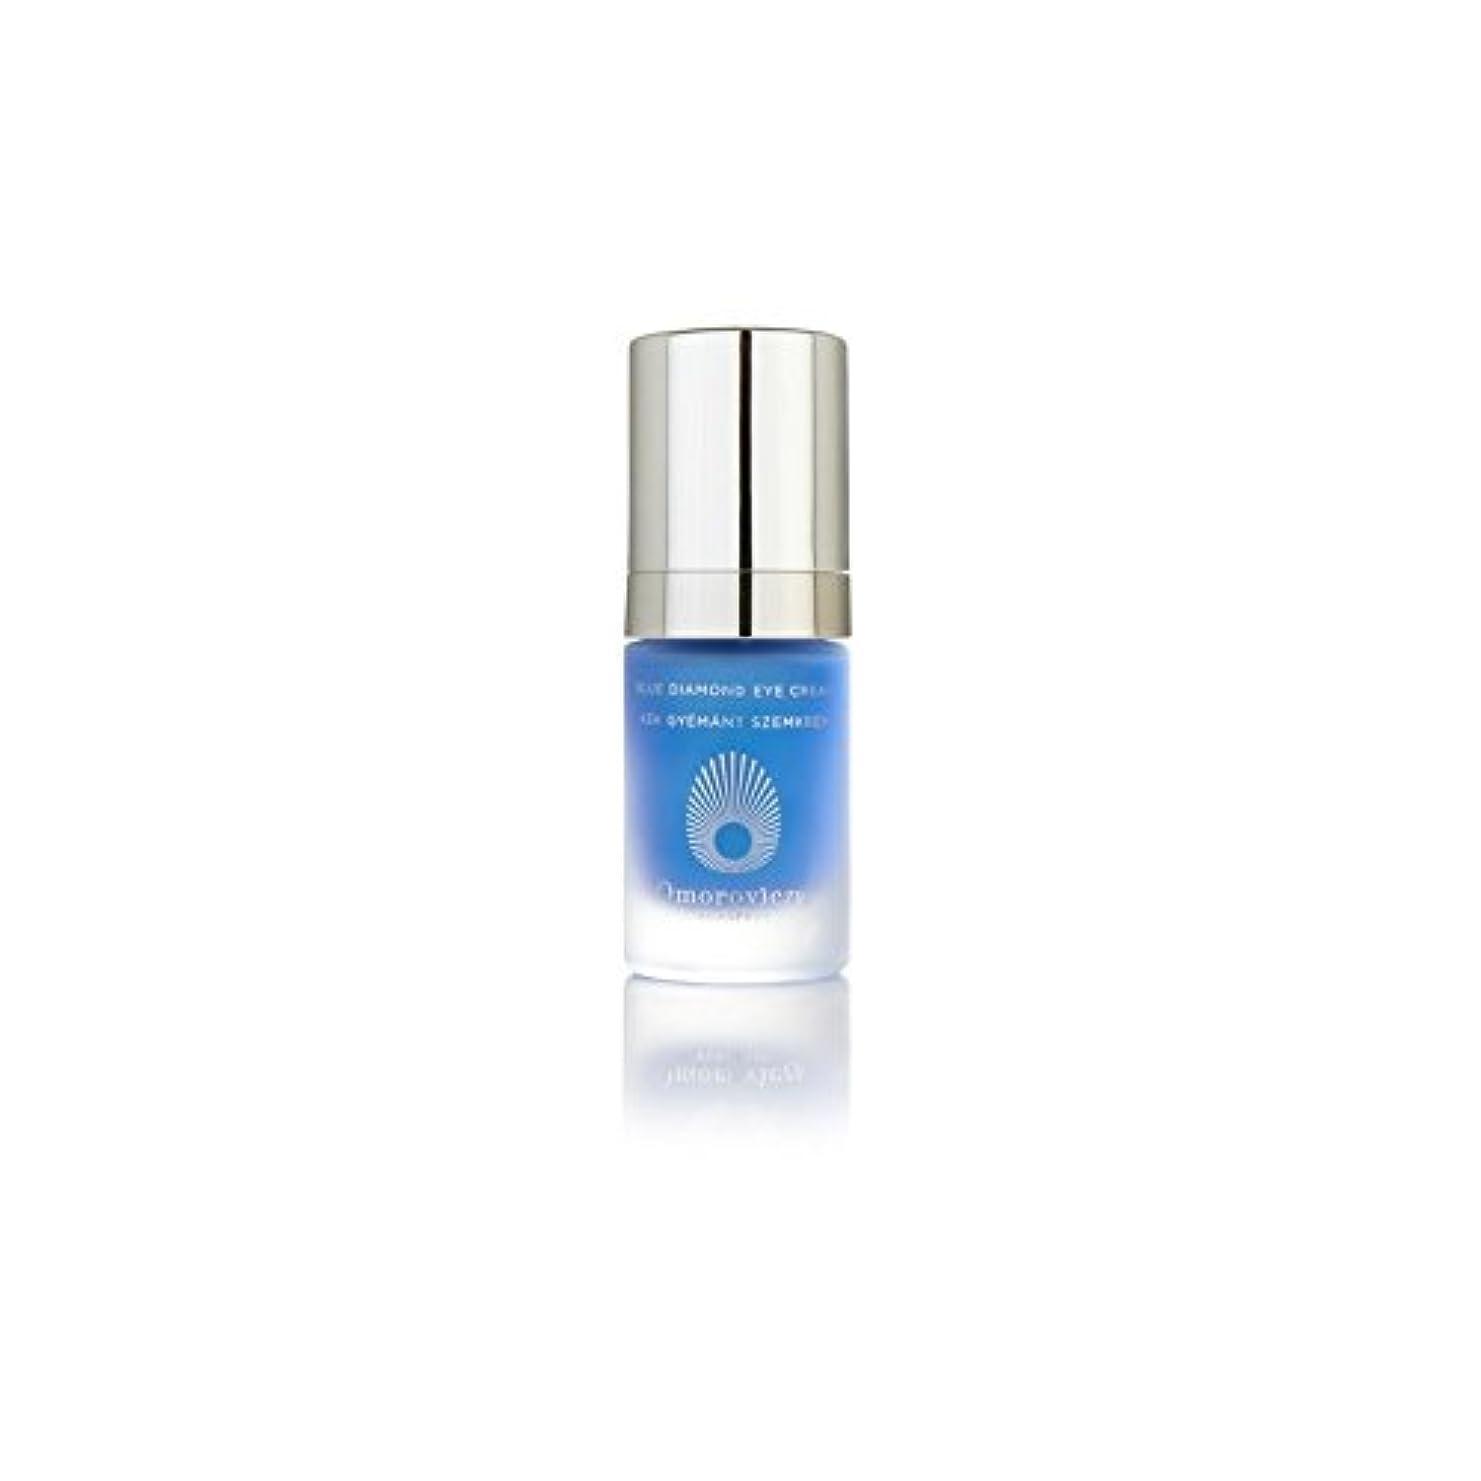 知覚的いちゃつく社交的Omorovicza Blue Diamond Eye Cream (15ml) (Pack of 6) - ブルーダイヤモンドアイクリーム(15ミリリットル) x6 [並行輸入品]